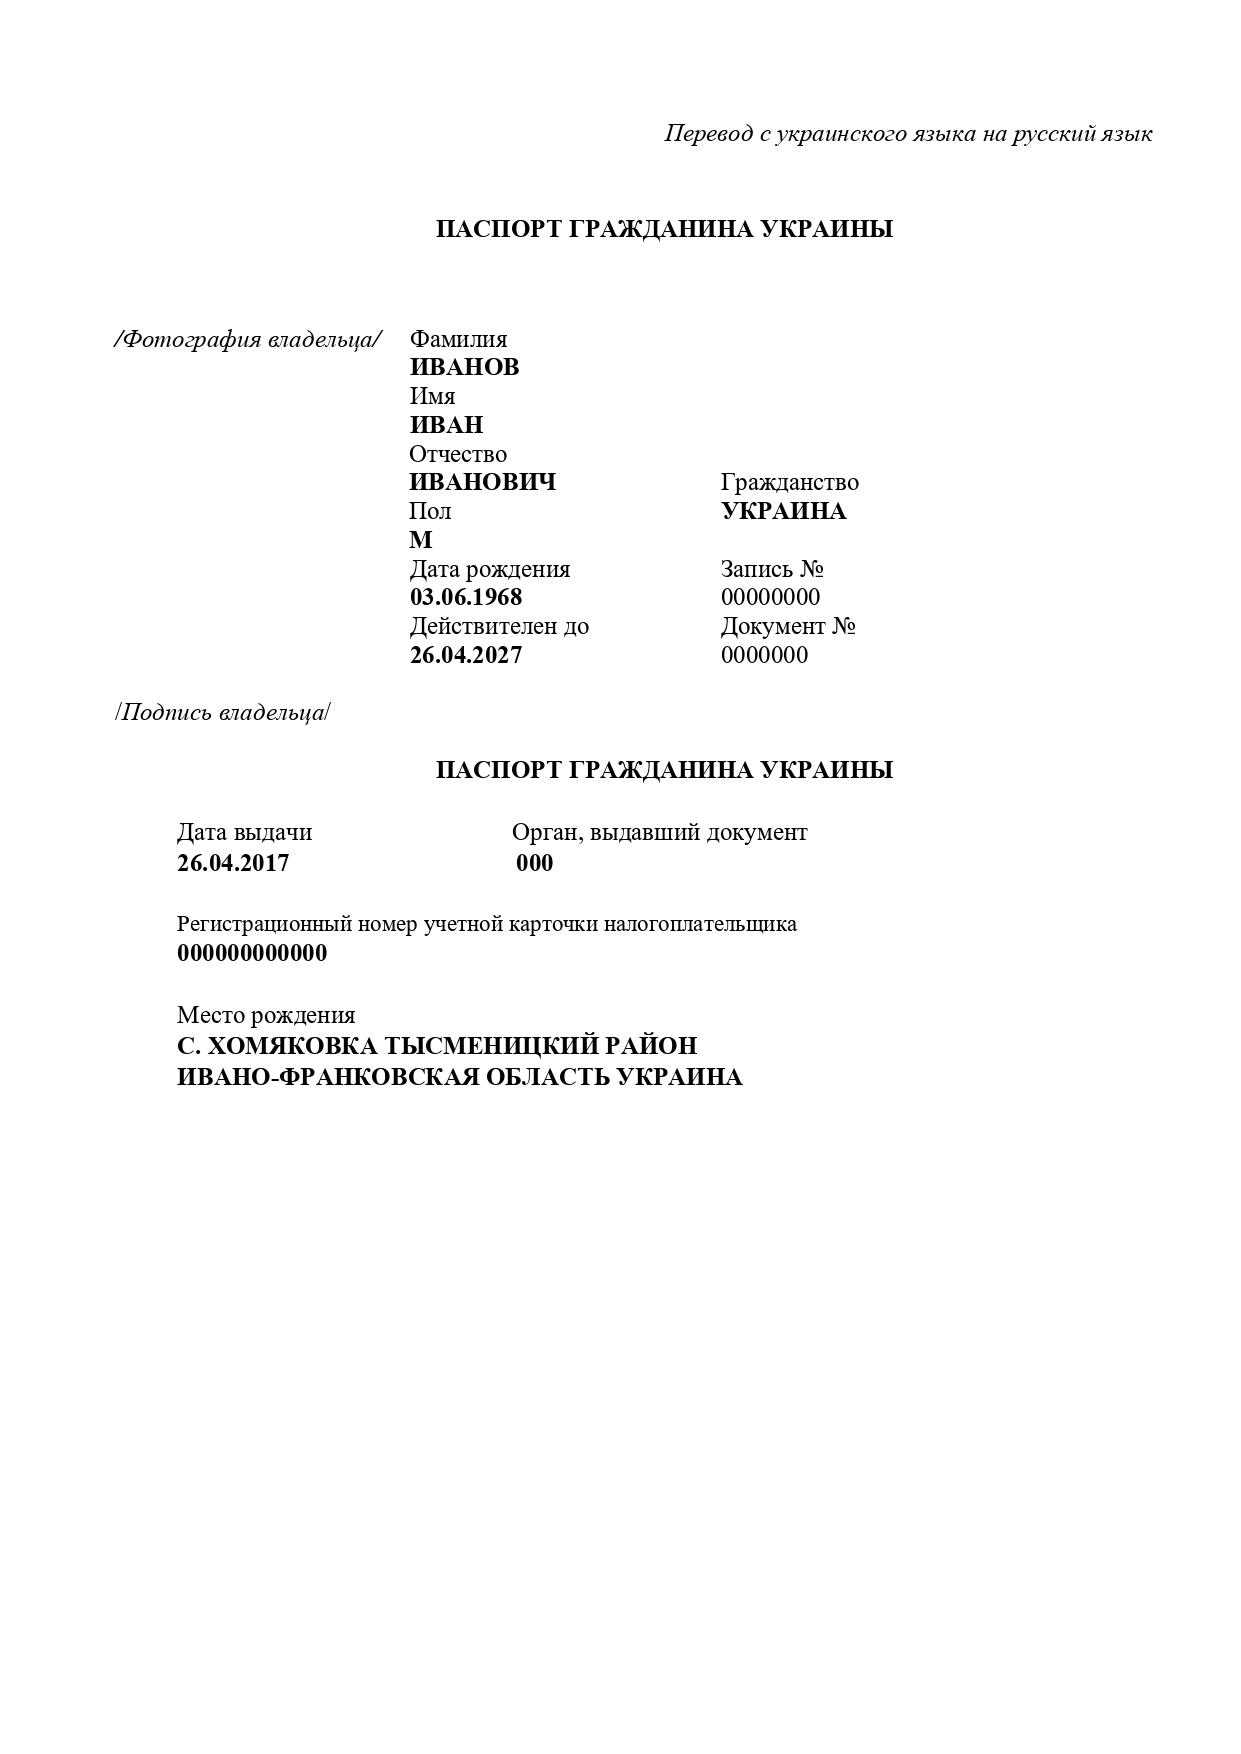 Пример перевода удостоверения личности с украинского